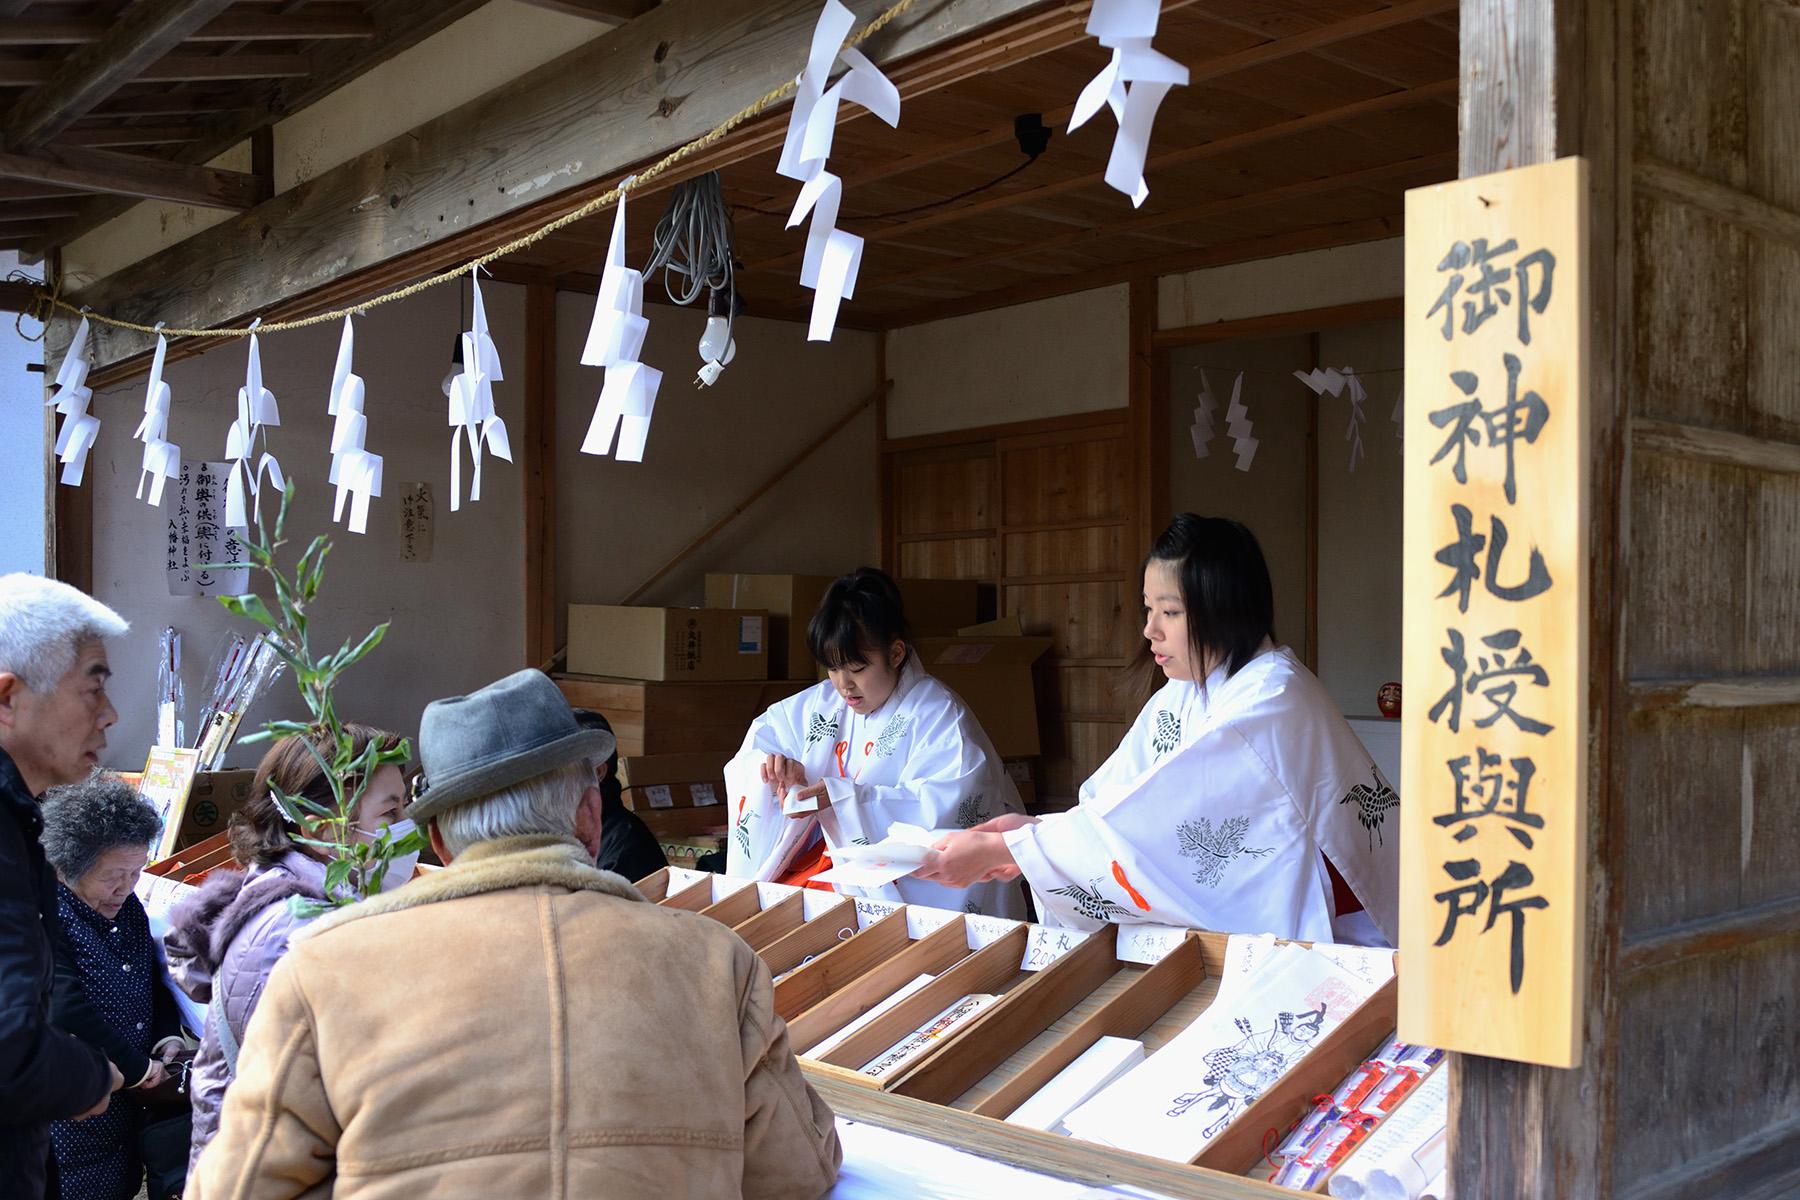 鉄砲まつり 八幡神社